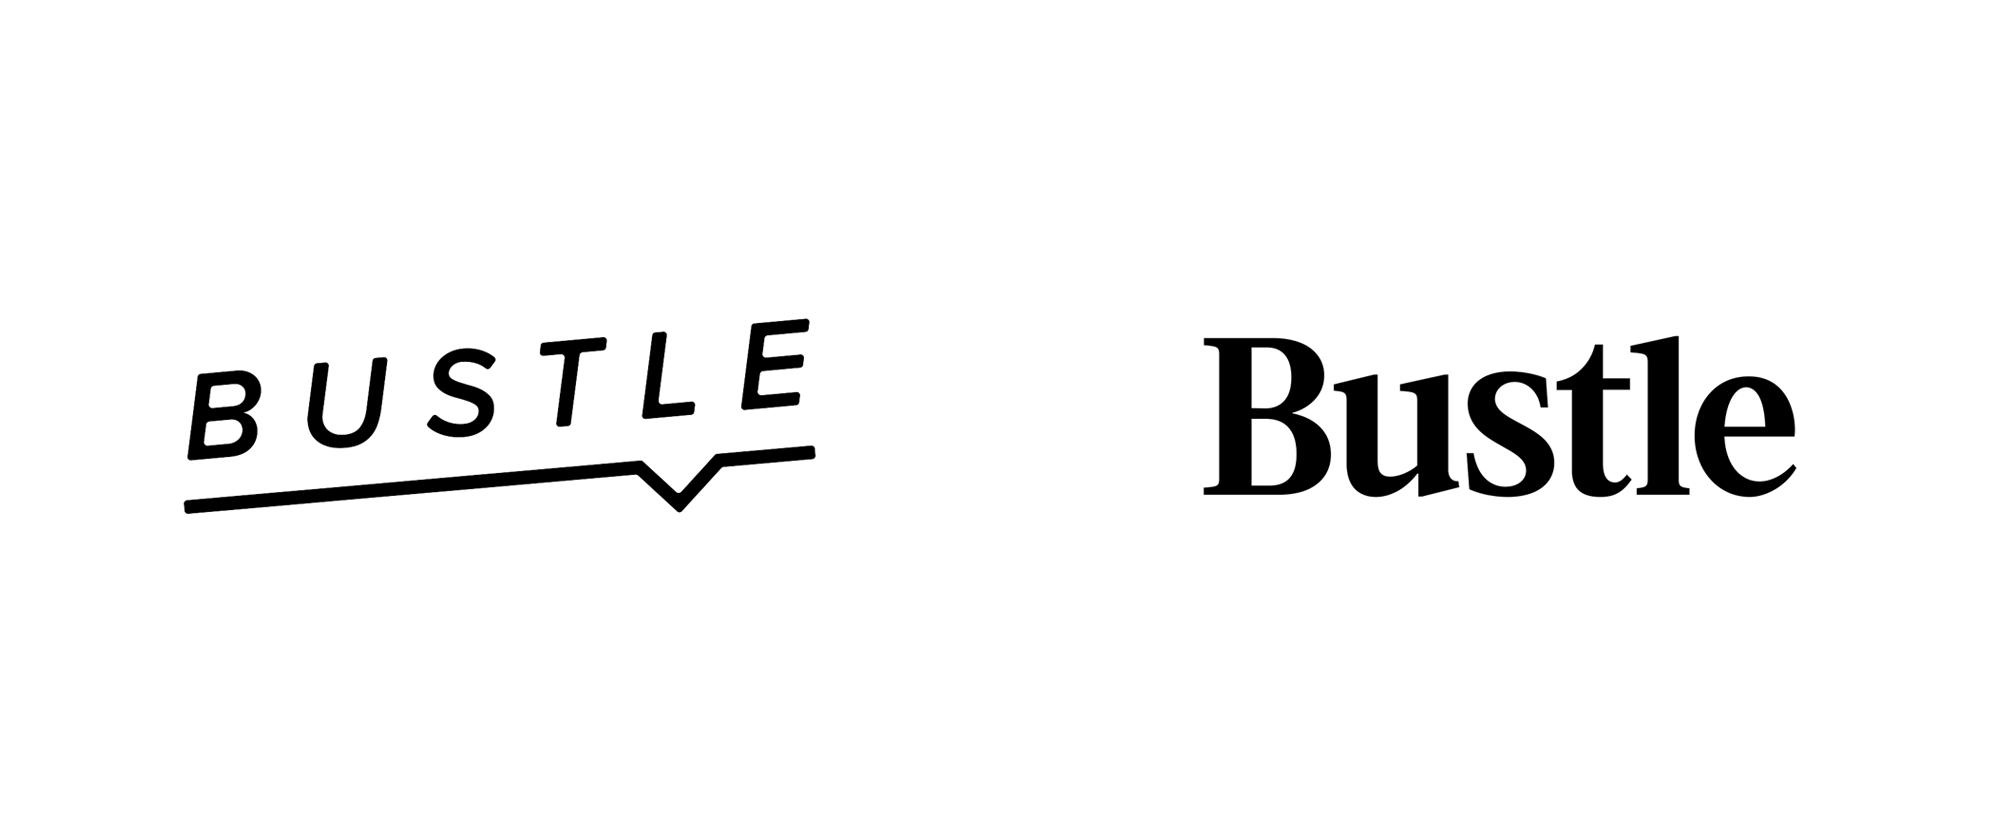 New Logo for Bustle